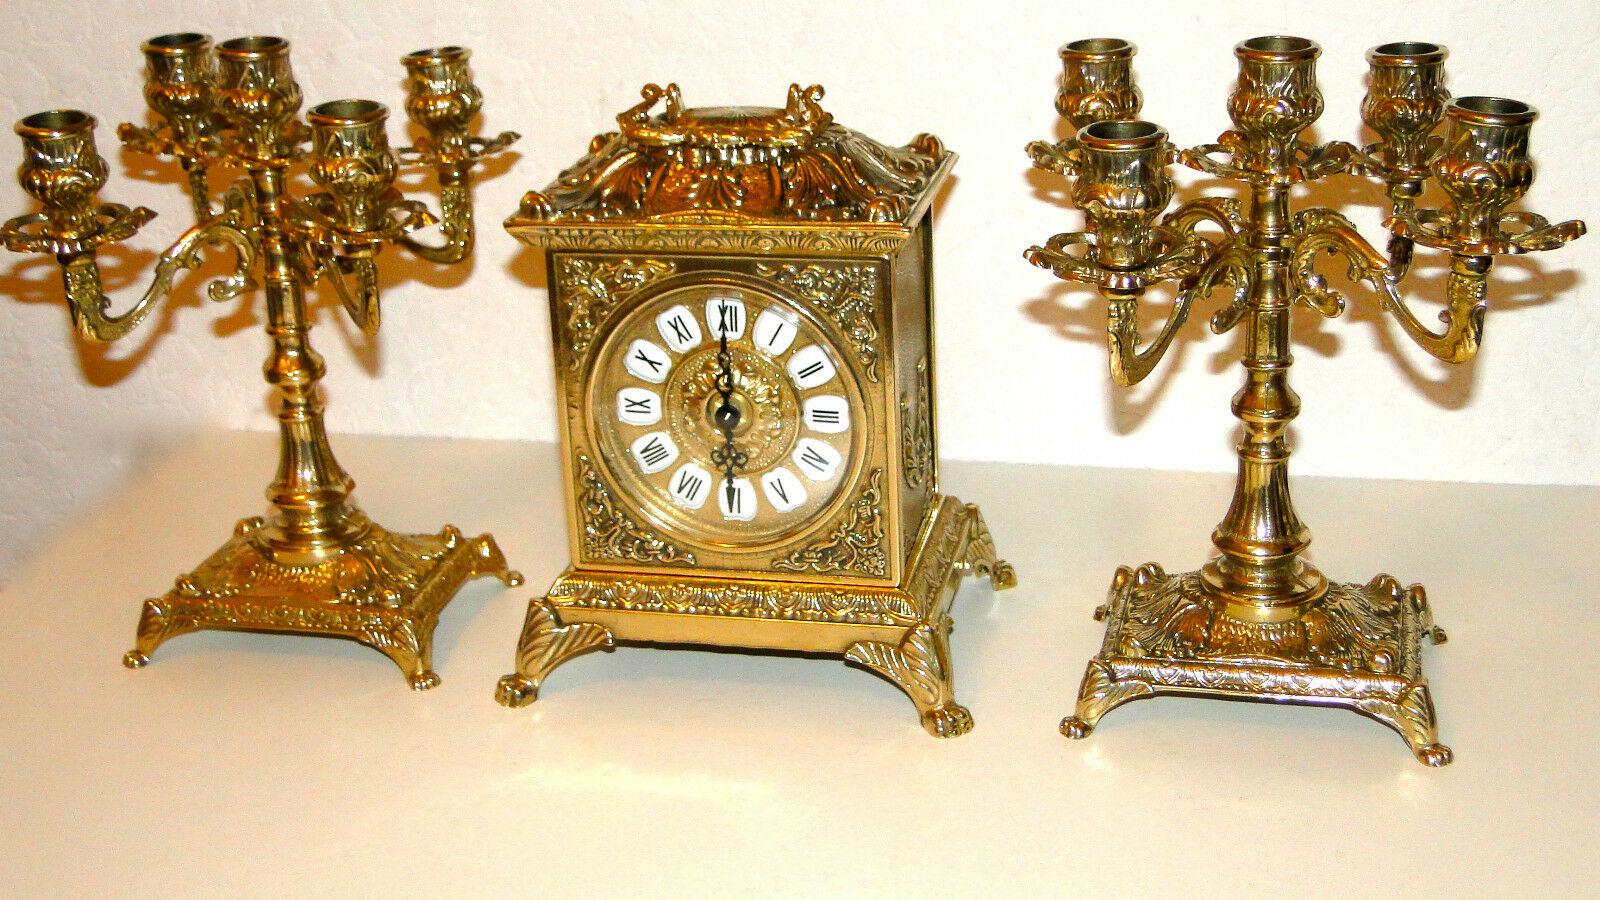 2 Kerzenständer 5 armig & Kaminuhr Messing Antik Uhr DEKO GOLD kaminset 82108B - Vorschau 2